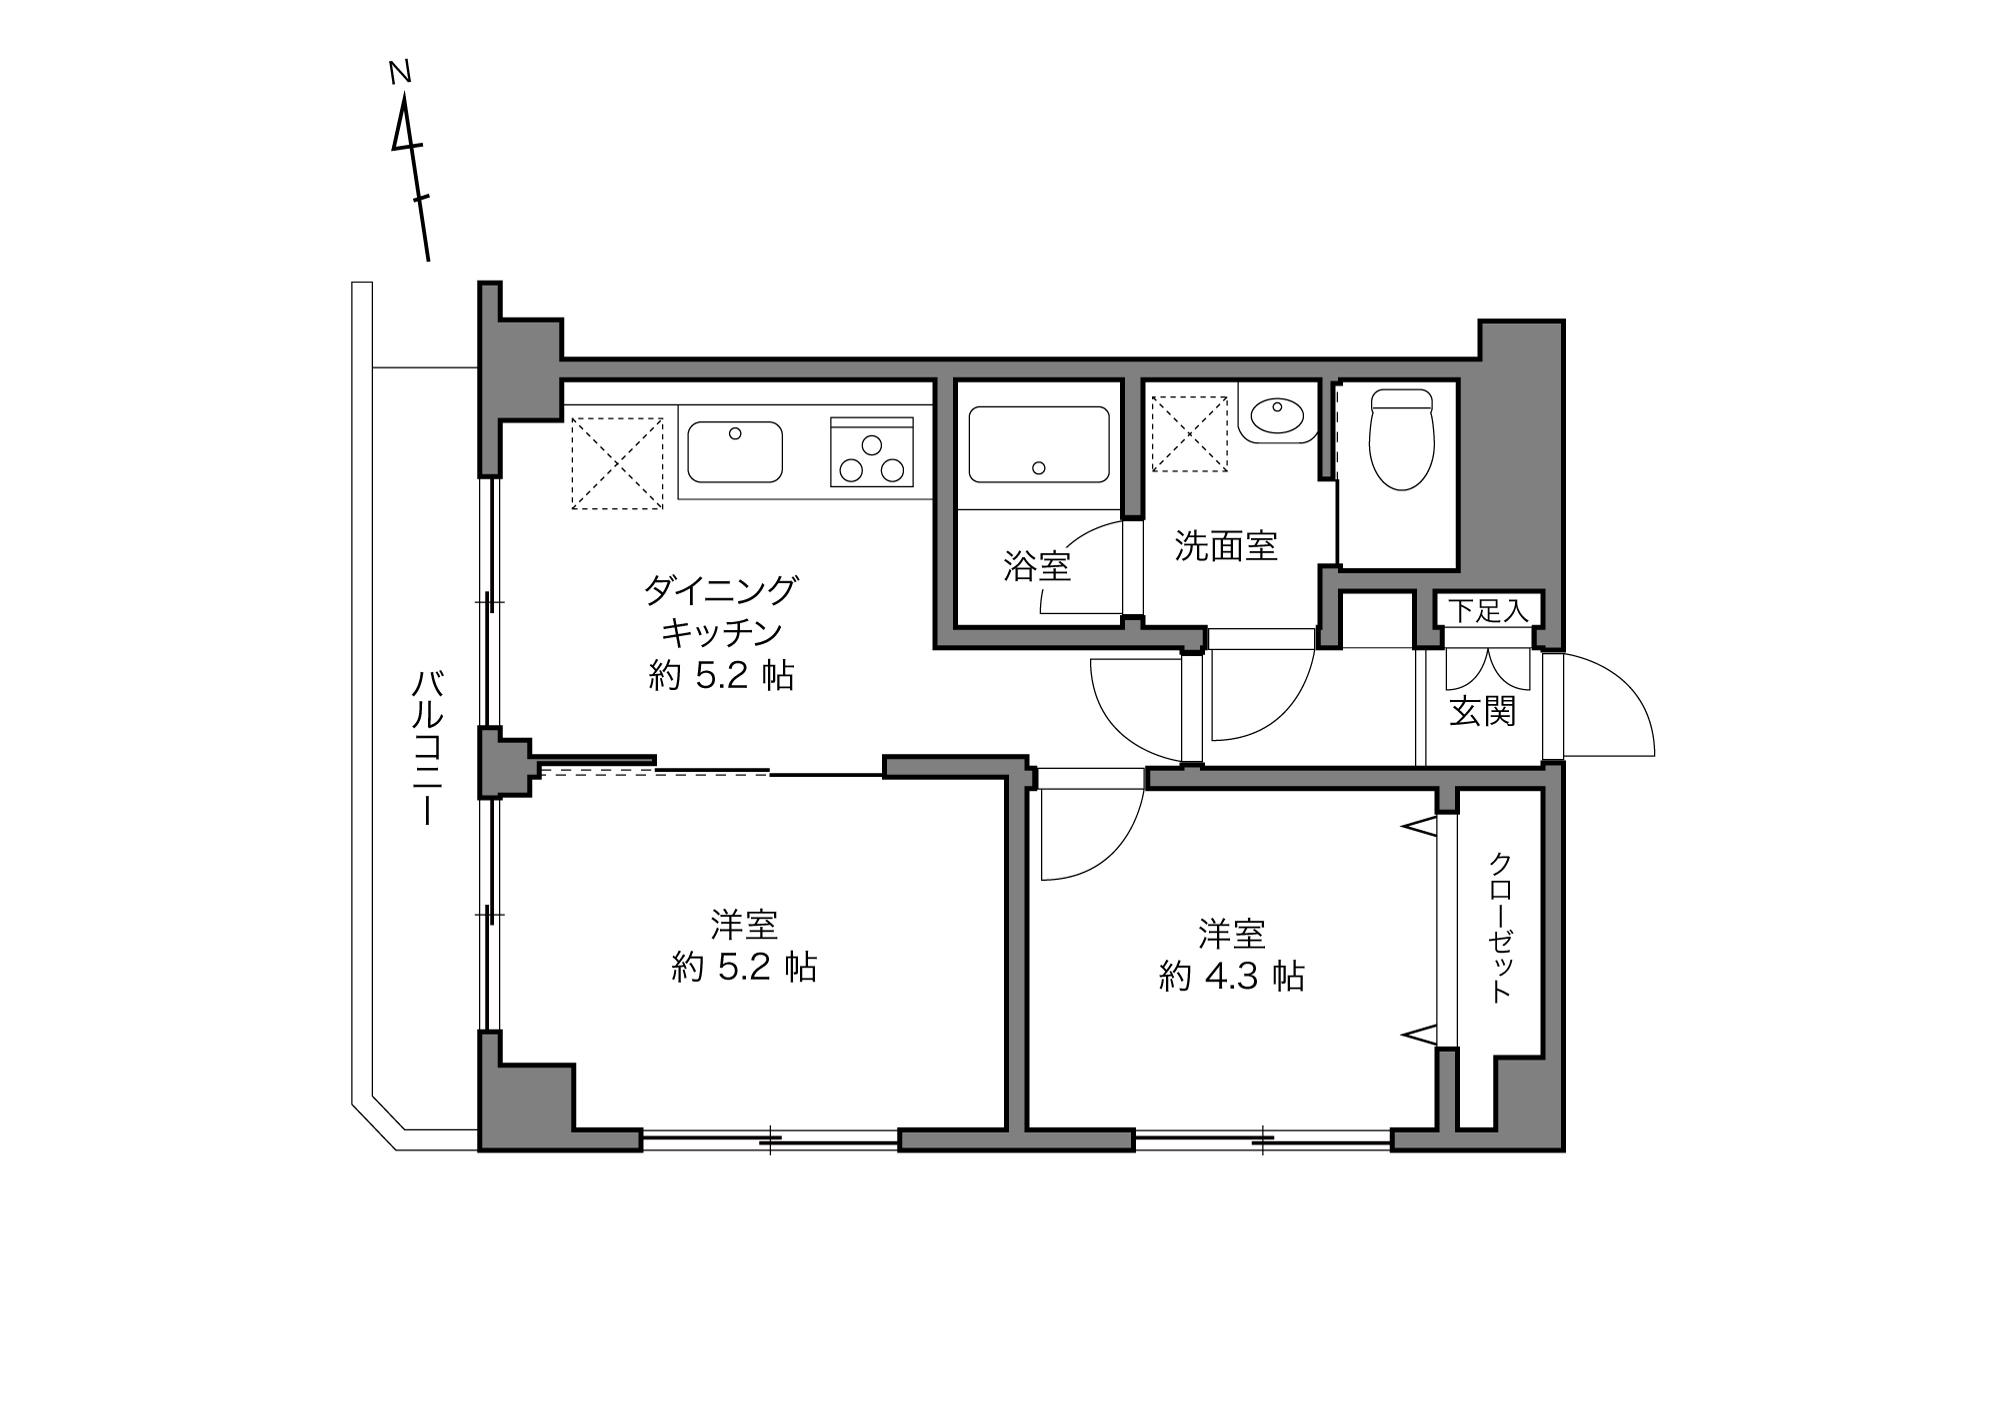 西日暮里駅 / 2DK / 37.08㎡